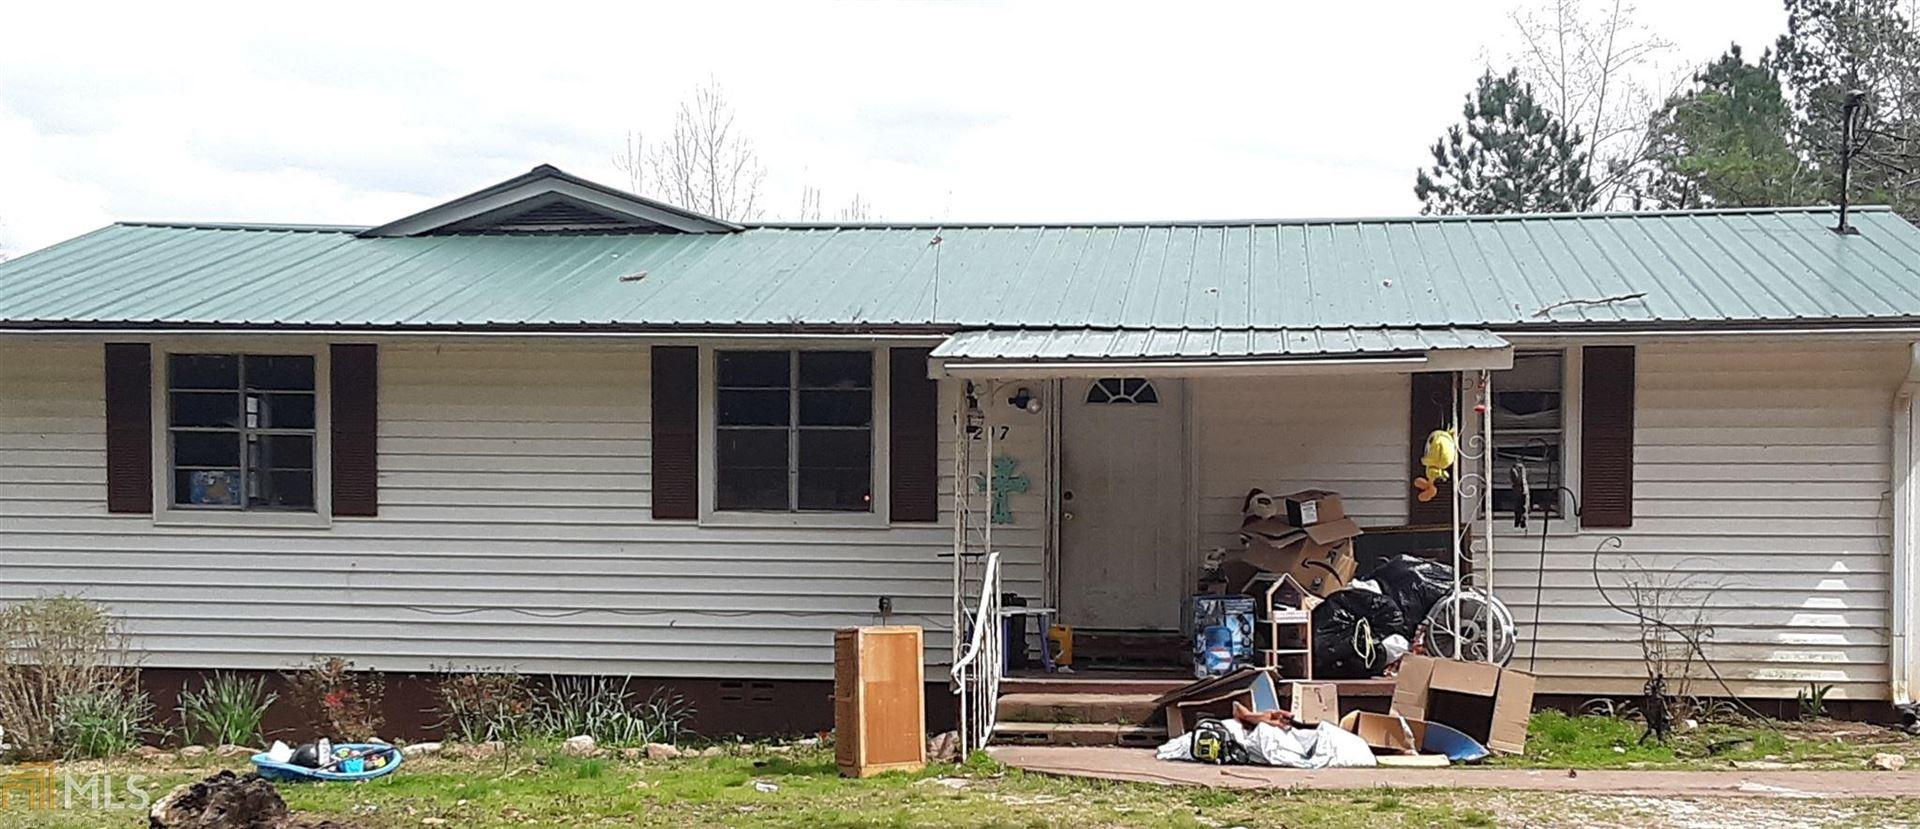 297 Alexander Rd, Grantville, GA 30220 - #: 8747199